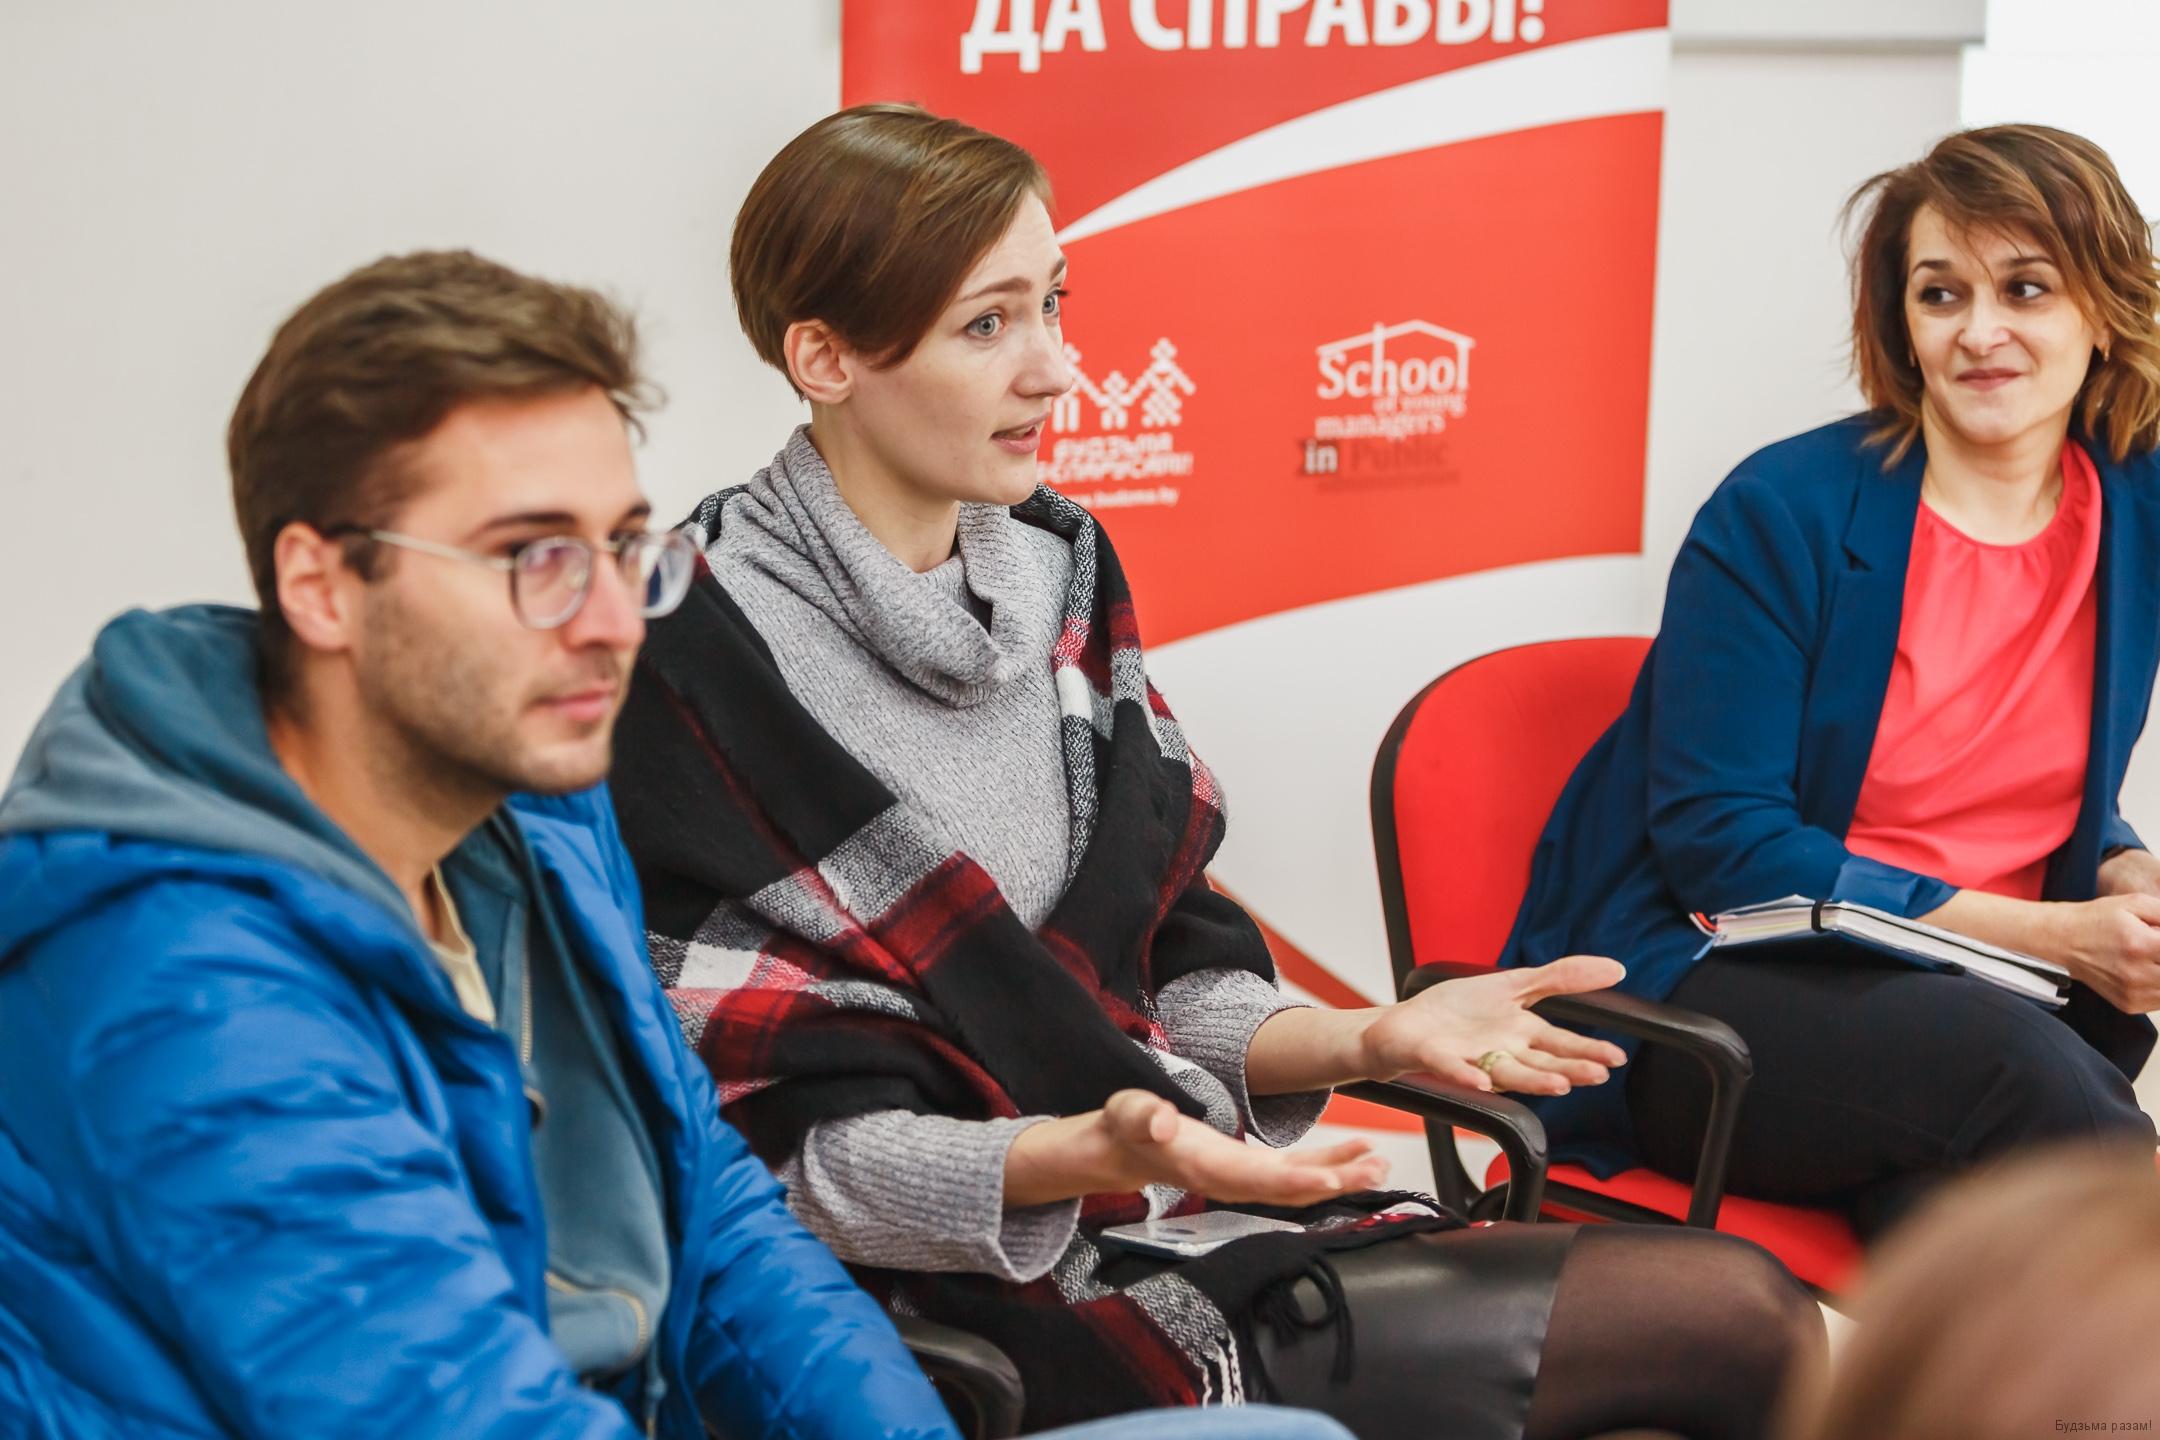 Антон Матолька, Яўгенія Пачэпка, Вольга Дамаскіна